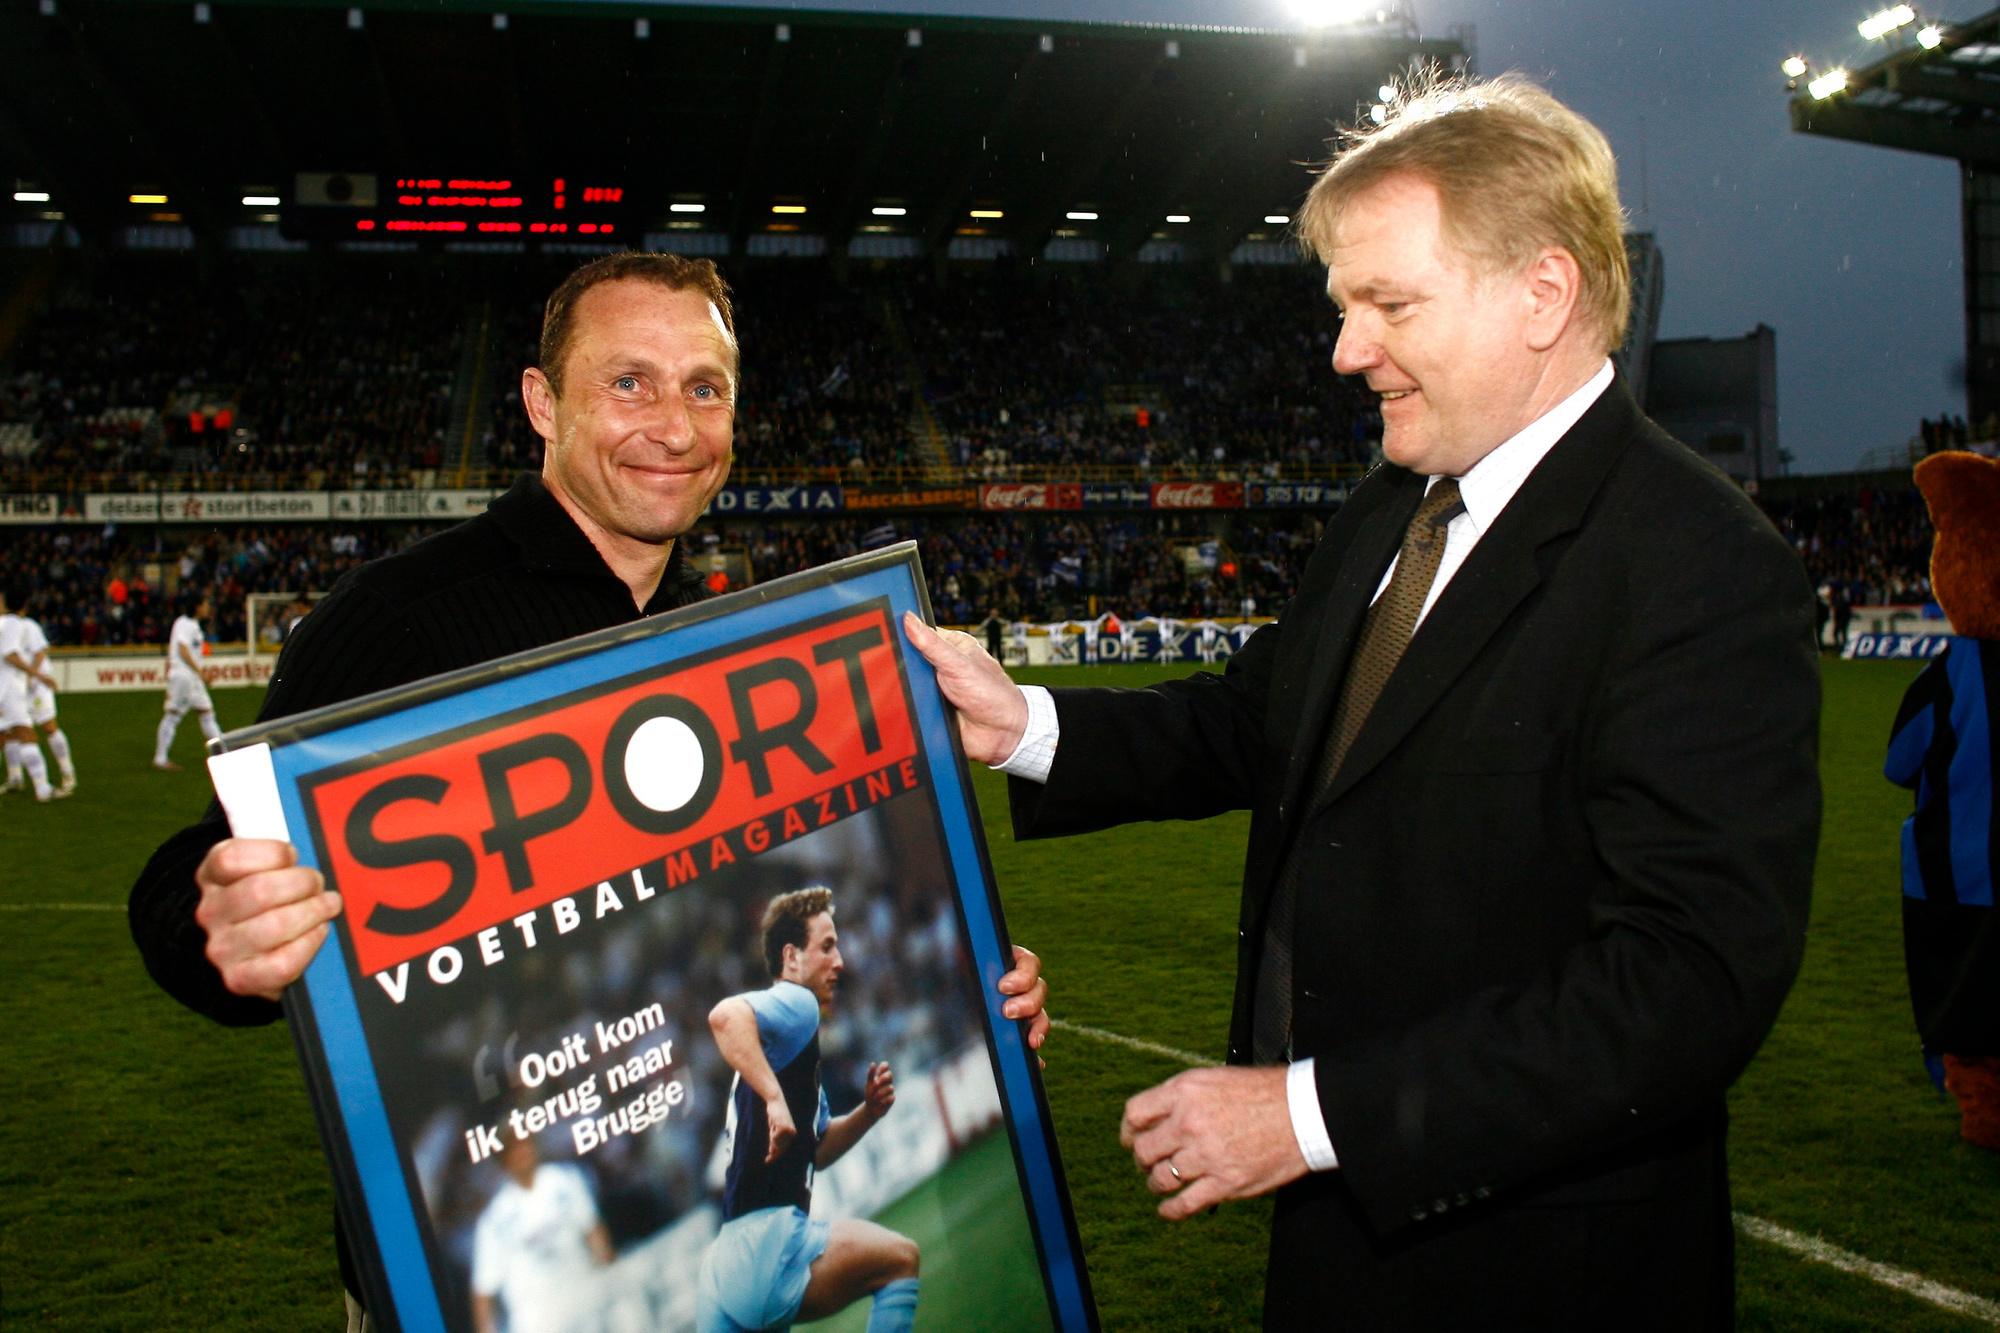 En 2008, notre rédacteur en chef Jacques Sys remet à Papin la couverture du magazine le désignant comme le meilleur étranger de l'histoire du Club., belga